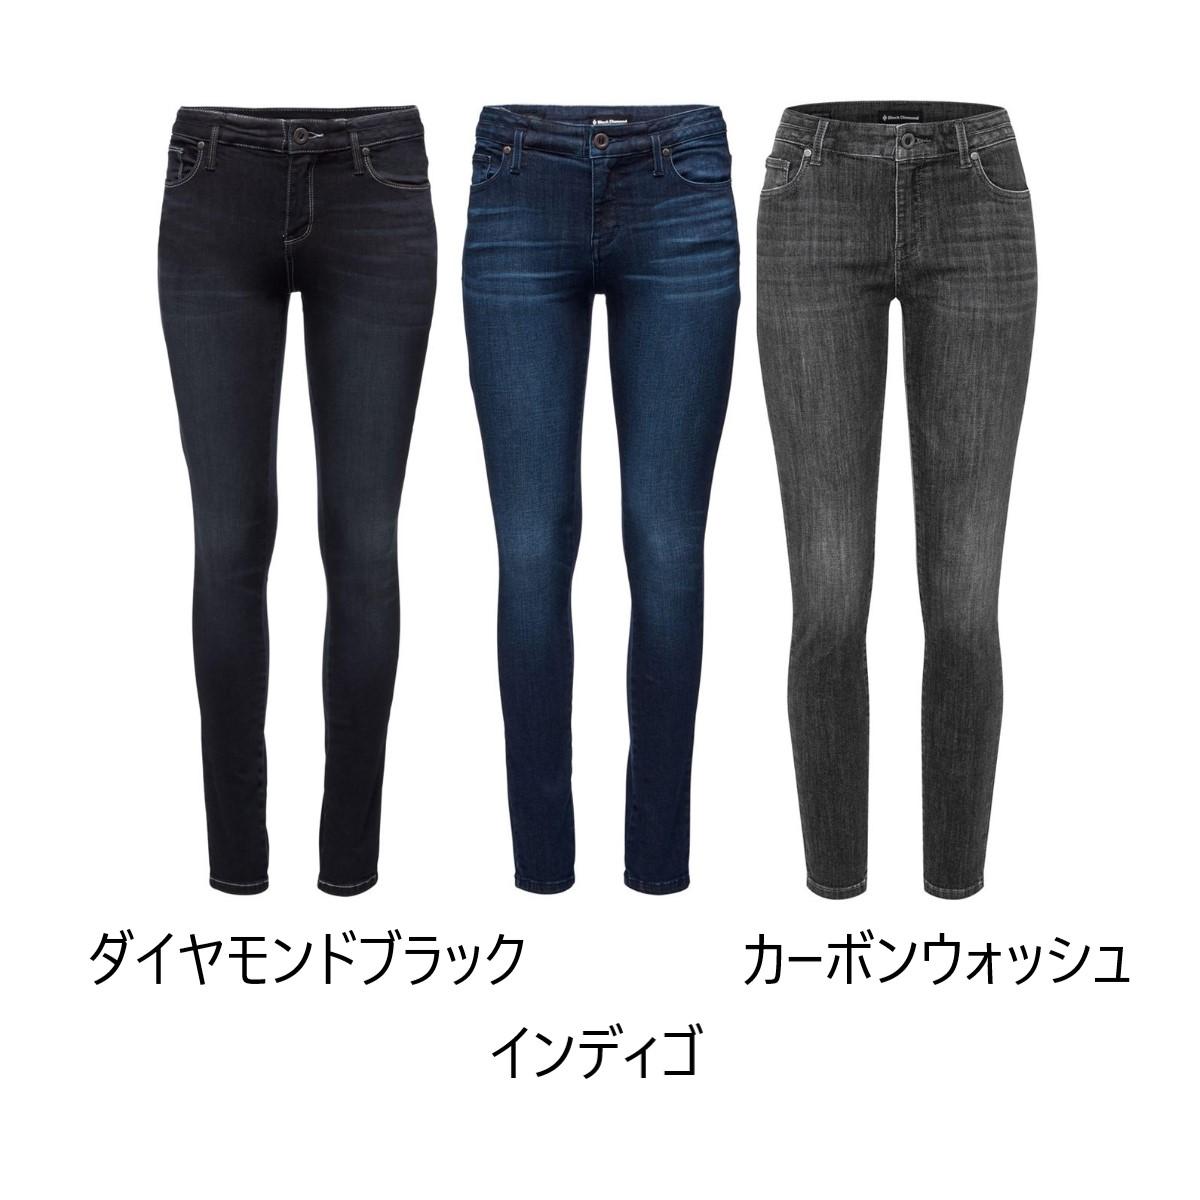 ブラックダイヤモンド Wsフォージドデニムパンツ